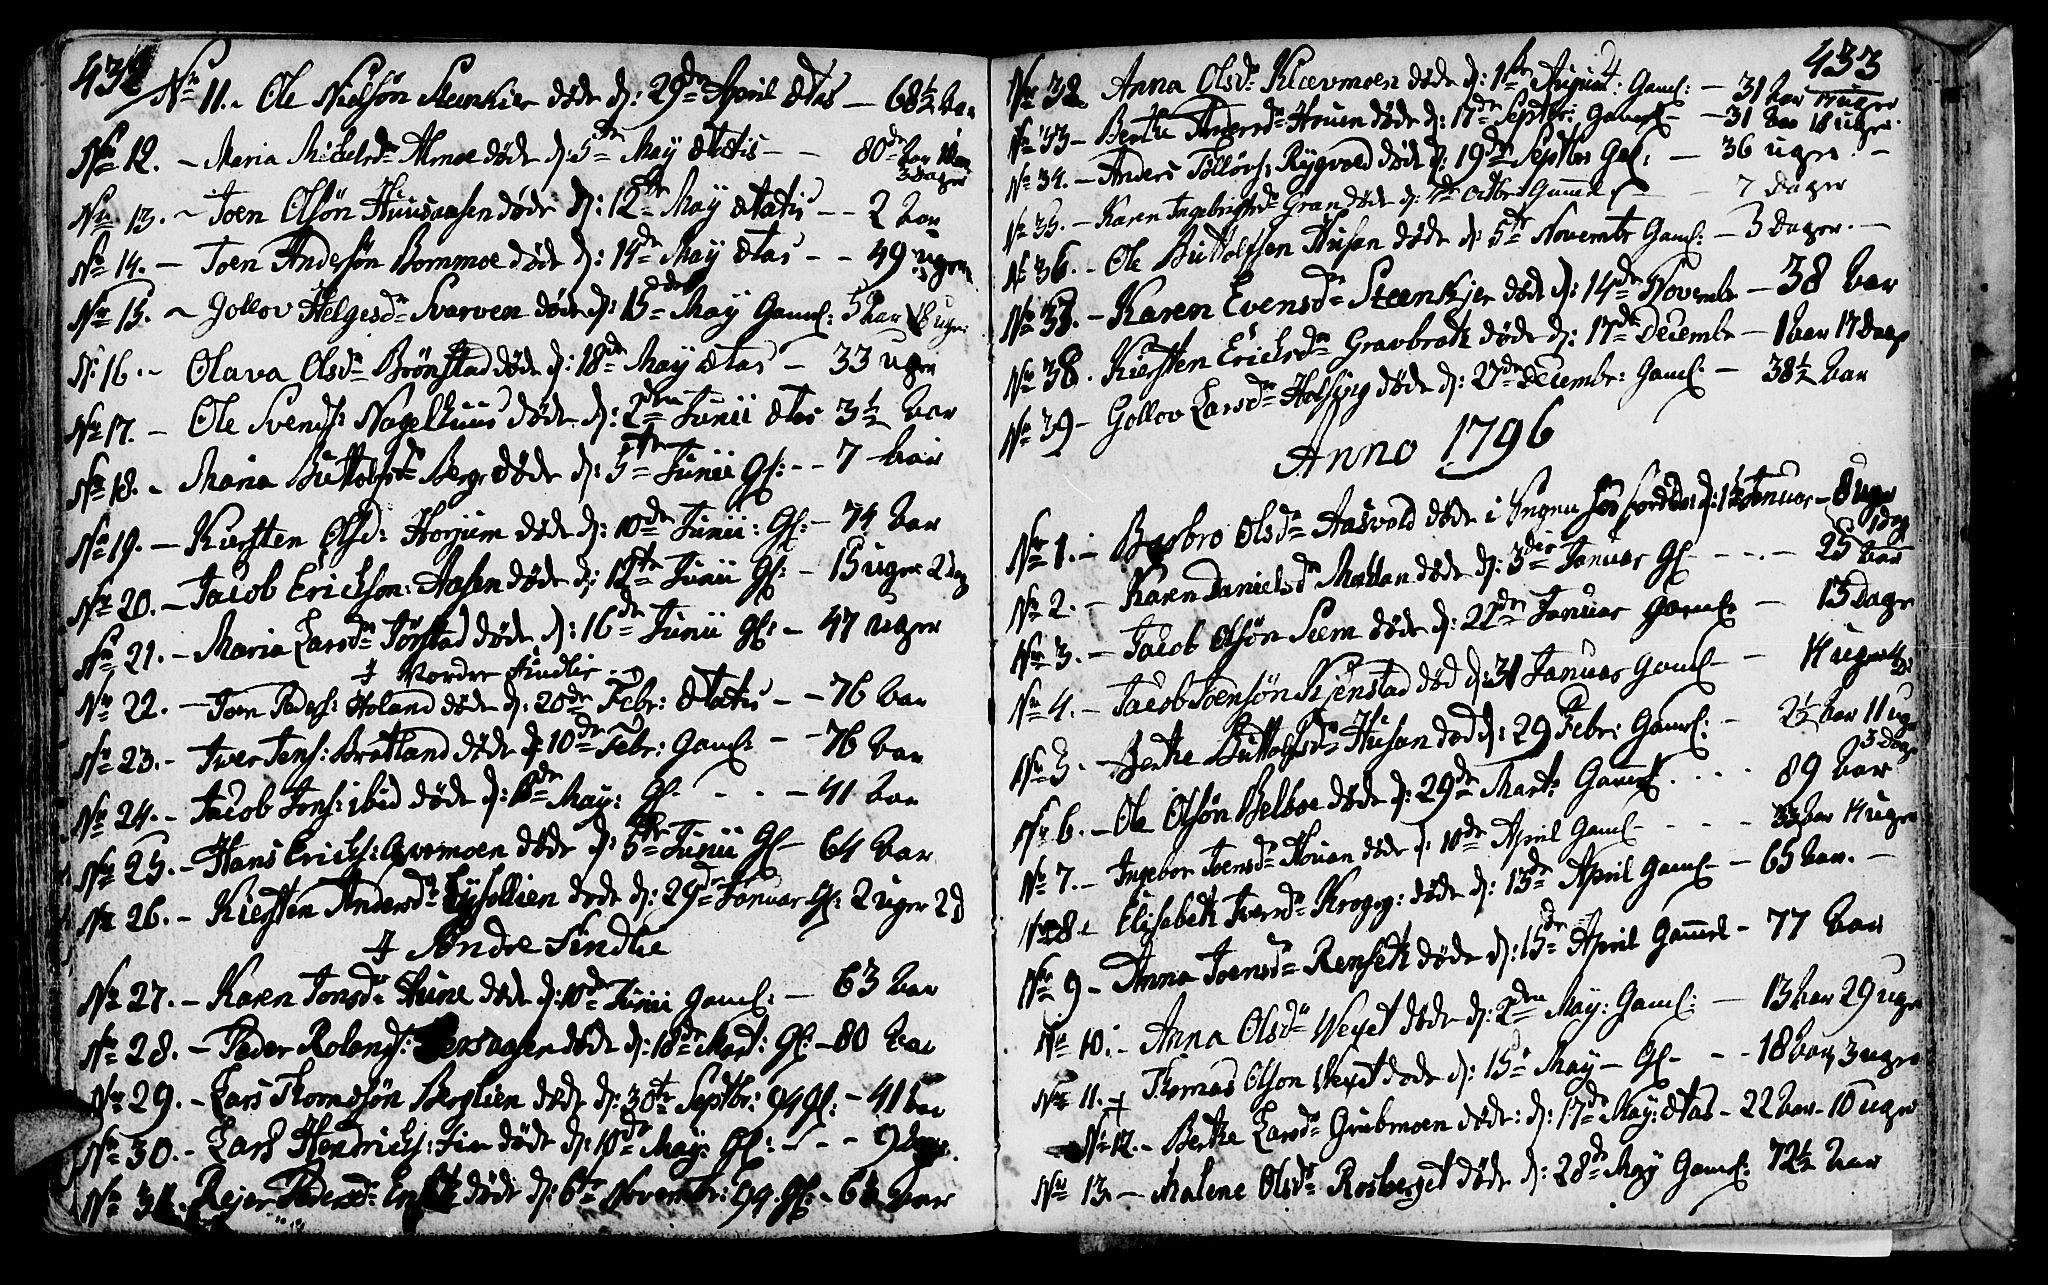 SAT, Ministerialprotokoller, klokkerbøker og fødselsregistre - Nord-Trøndelag, 749/L0468: Ministerialbok nr. 749A02, 1787-1817, s. 432-433